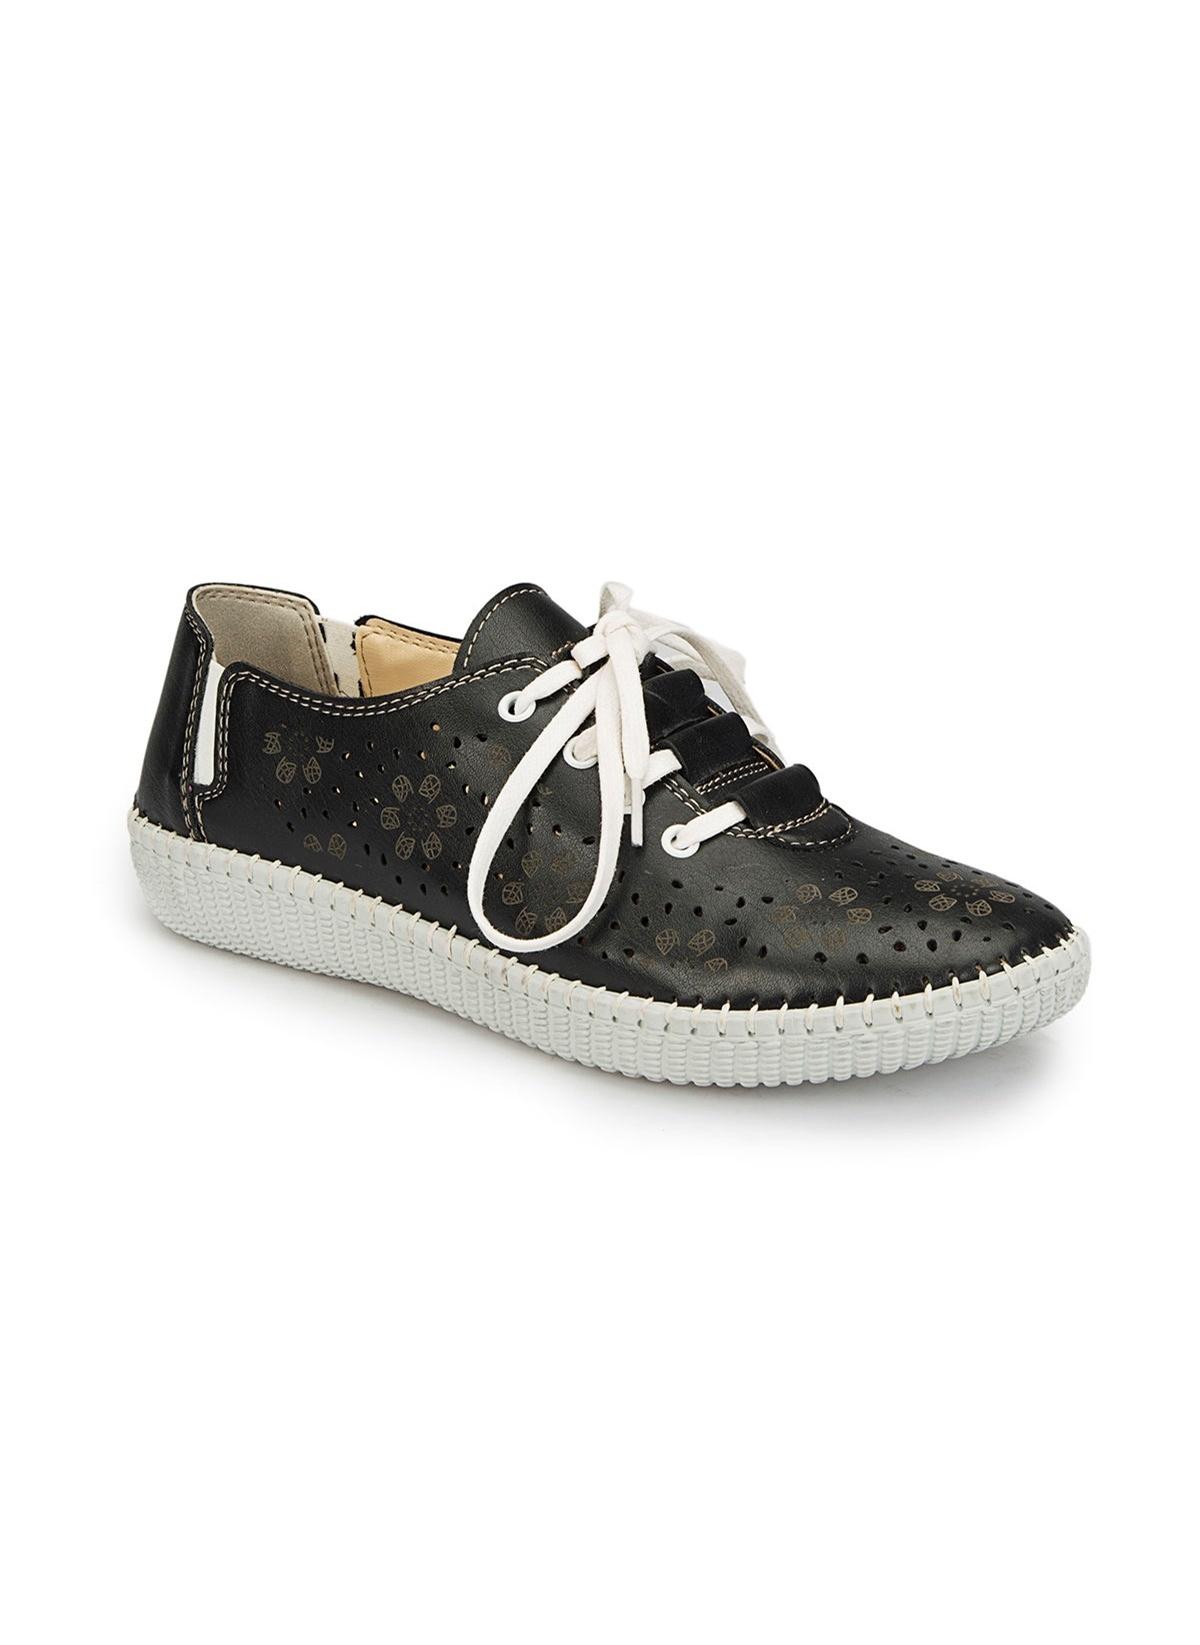 Polaris Ayakkabı 81.158416.z Basic Comfort – 59.0 TL